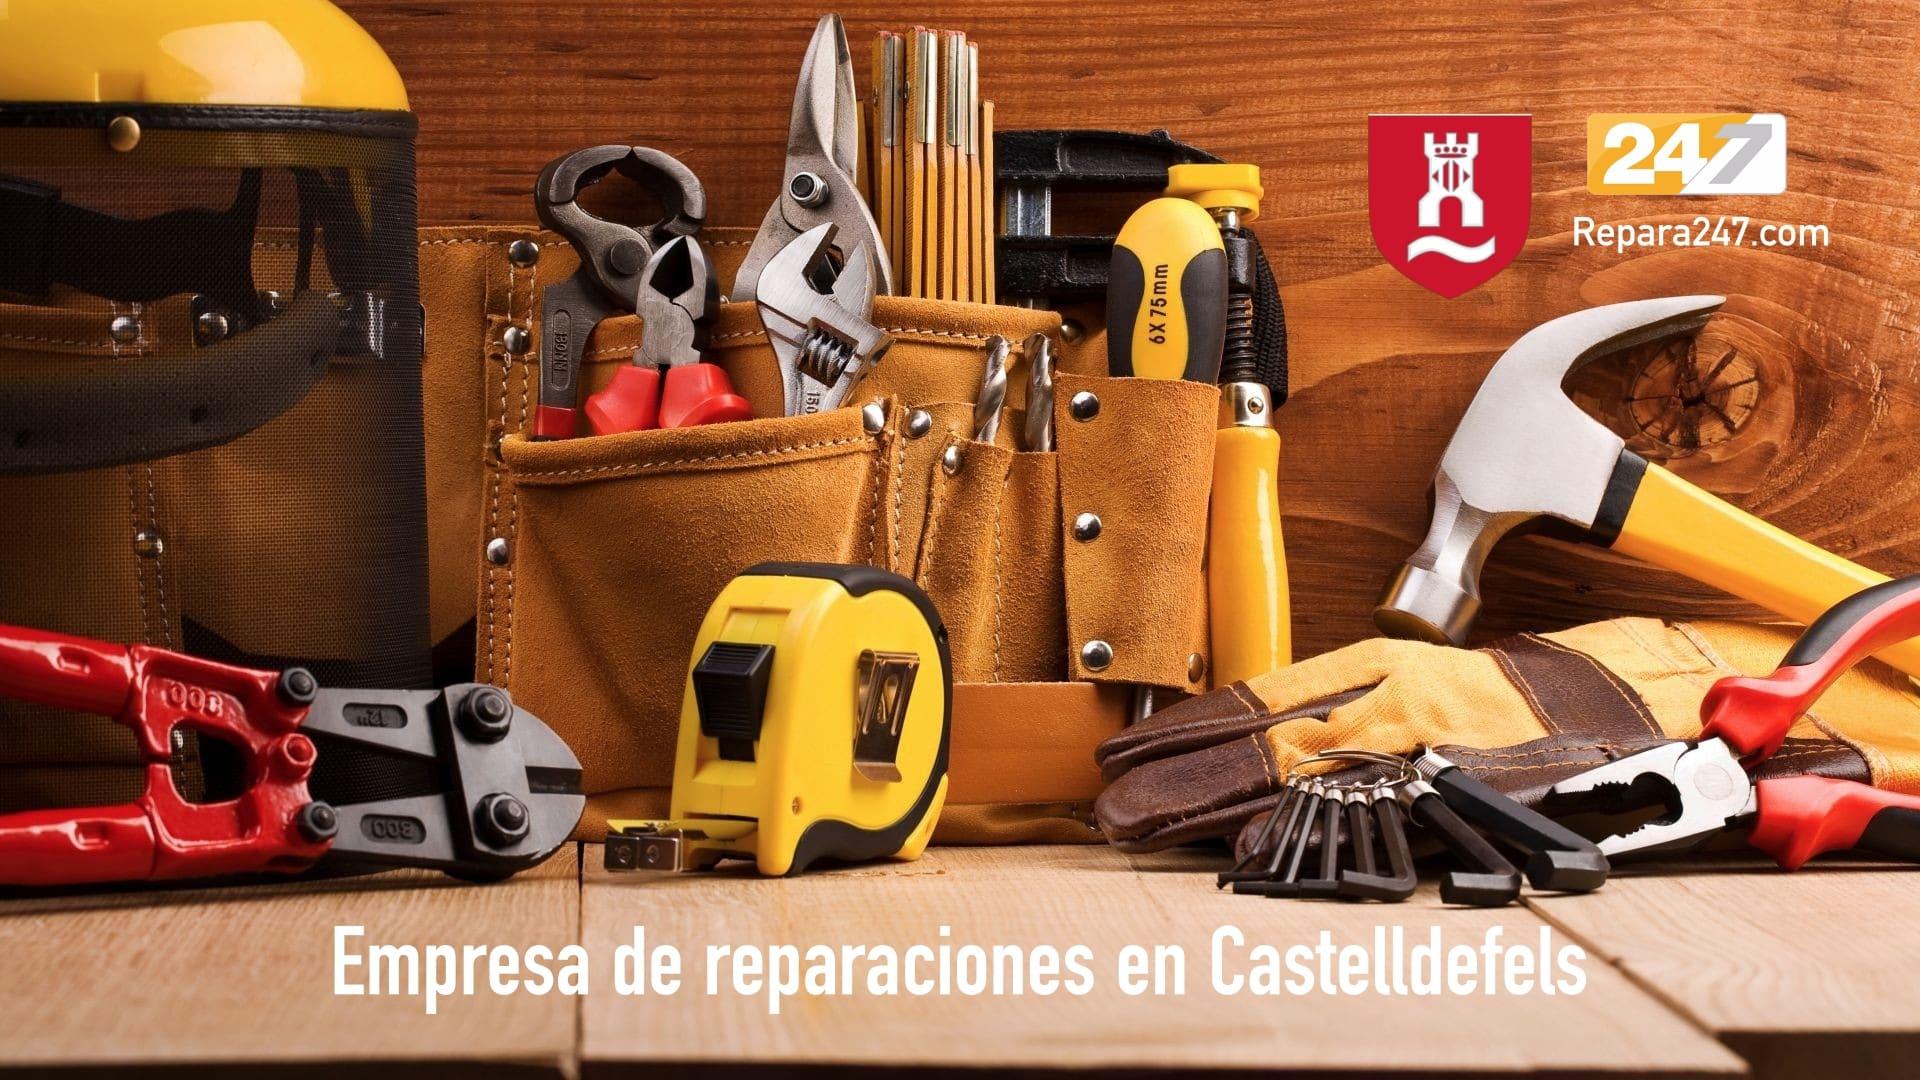 Empresa de reparaciones en Castelldefels